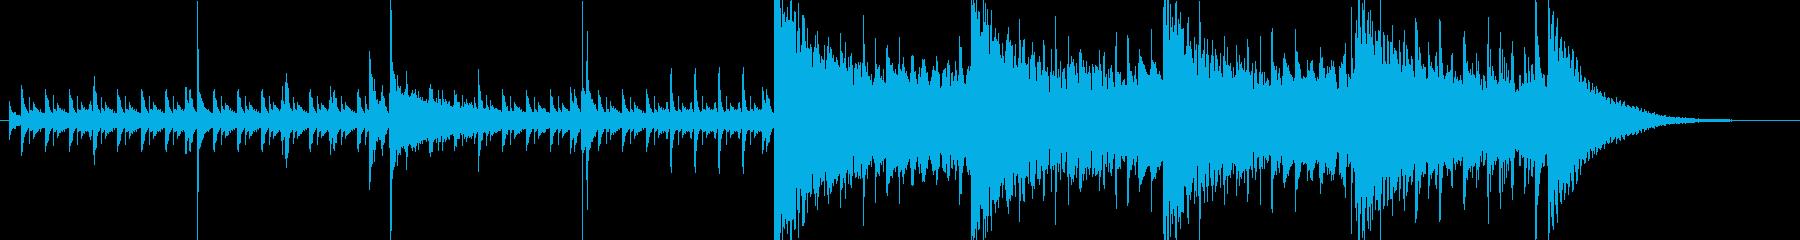 30秒・緊張感・クール・高速ジャズの再生済みの波形